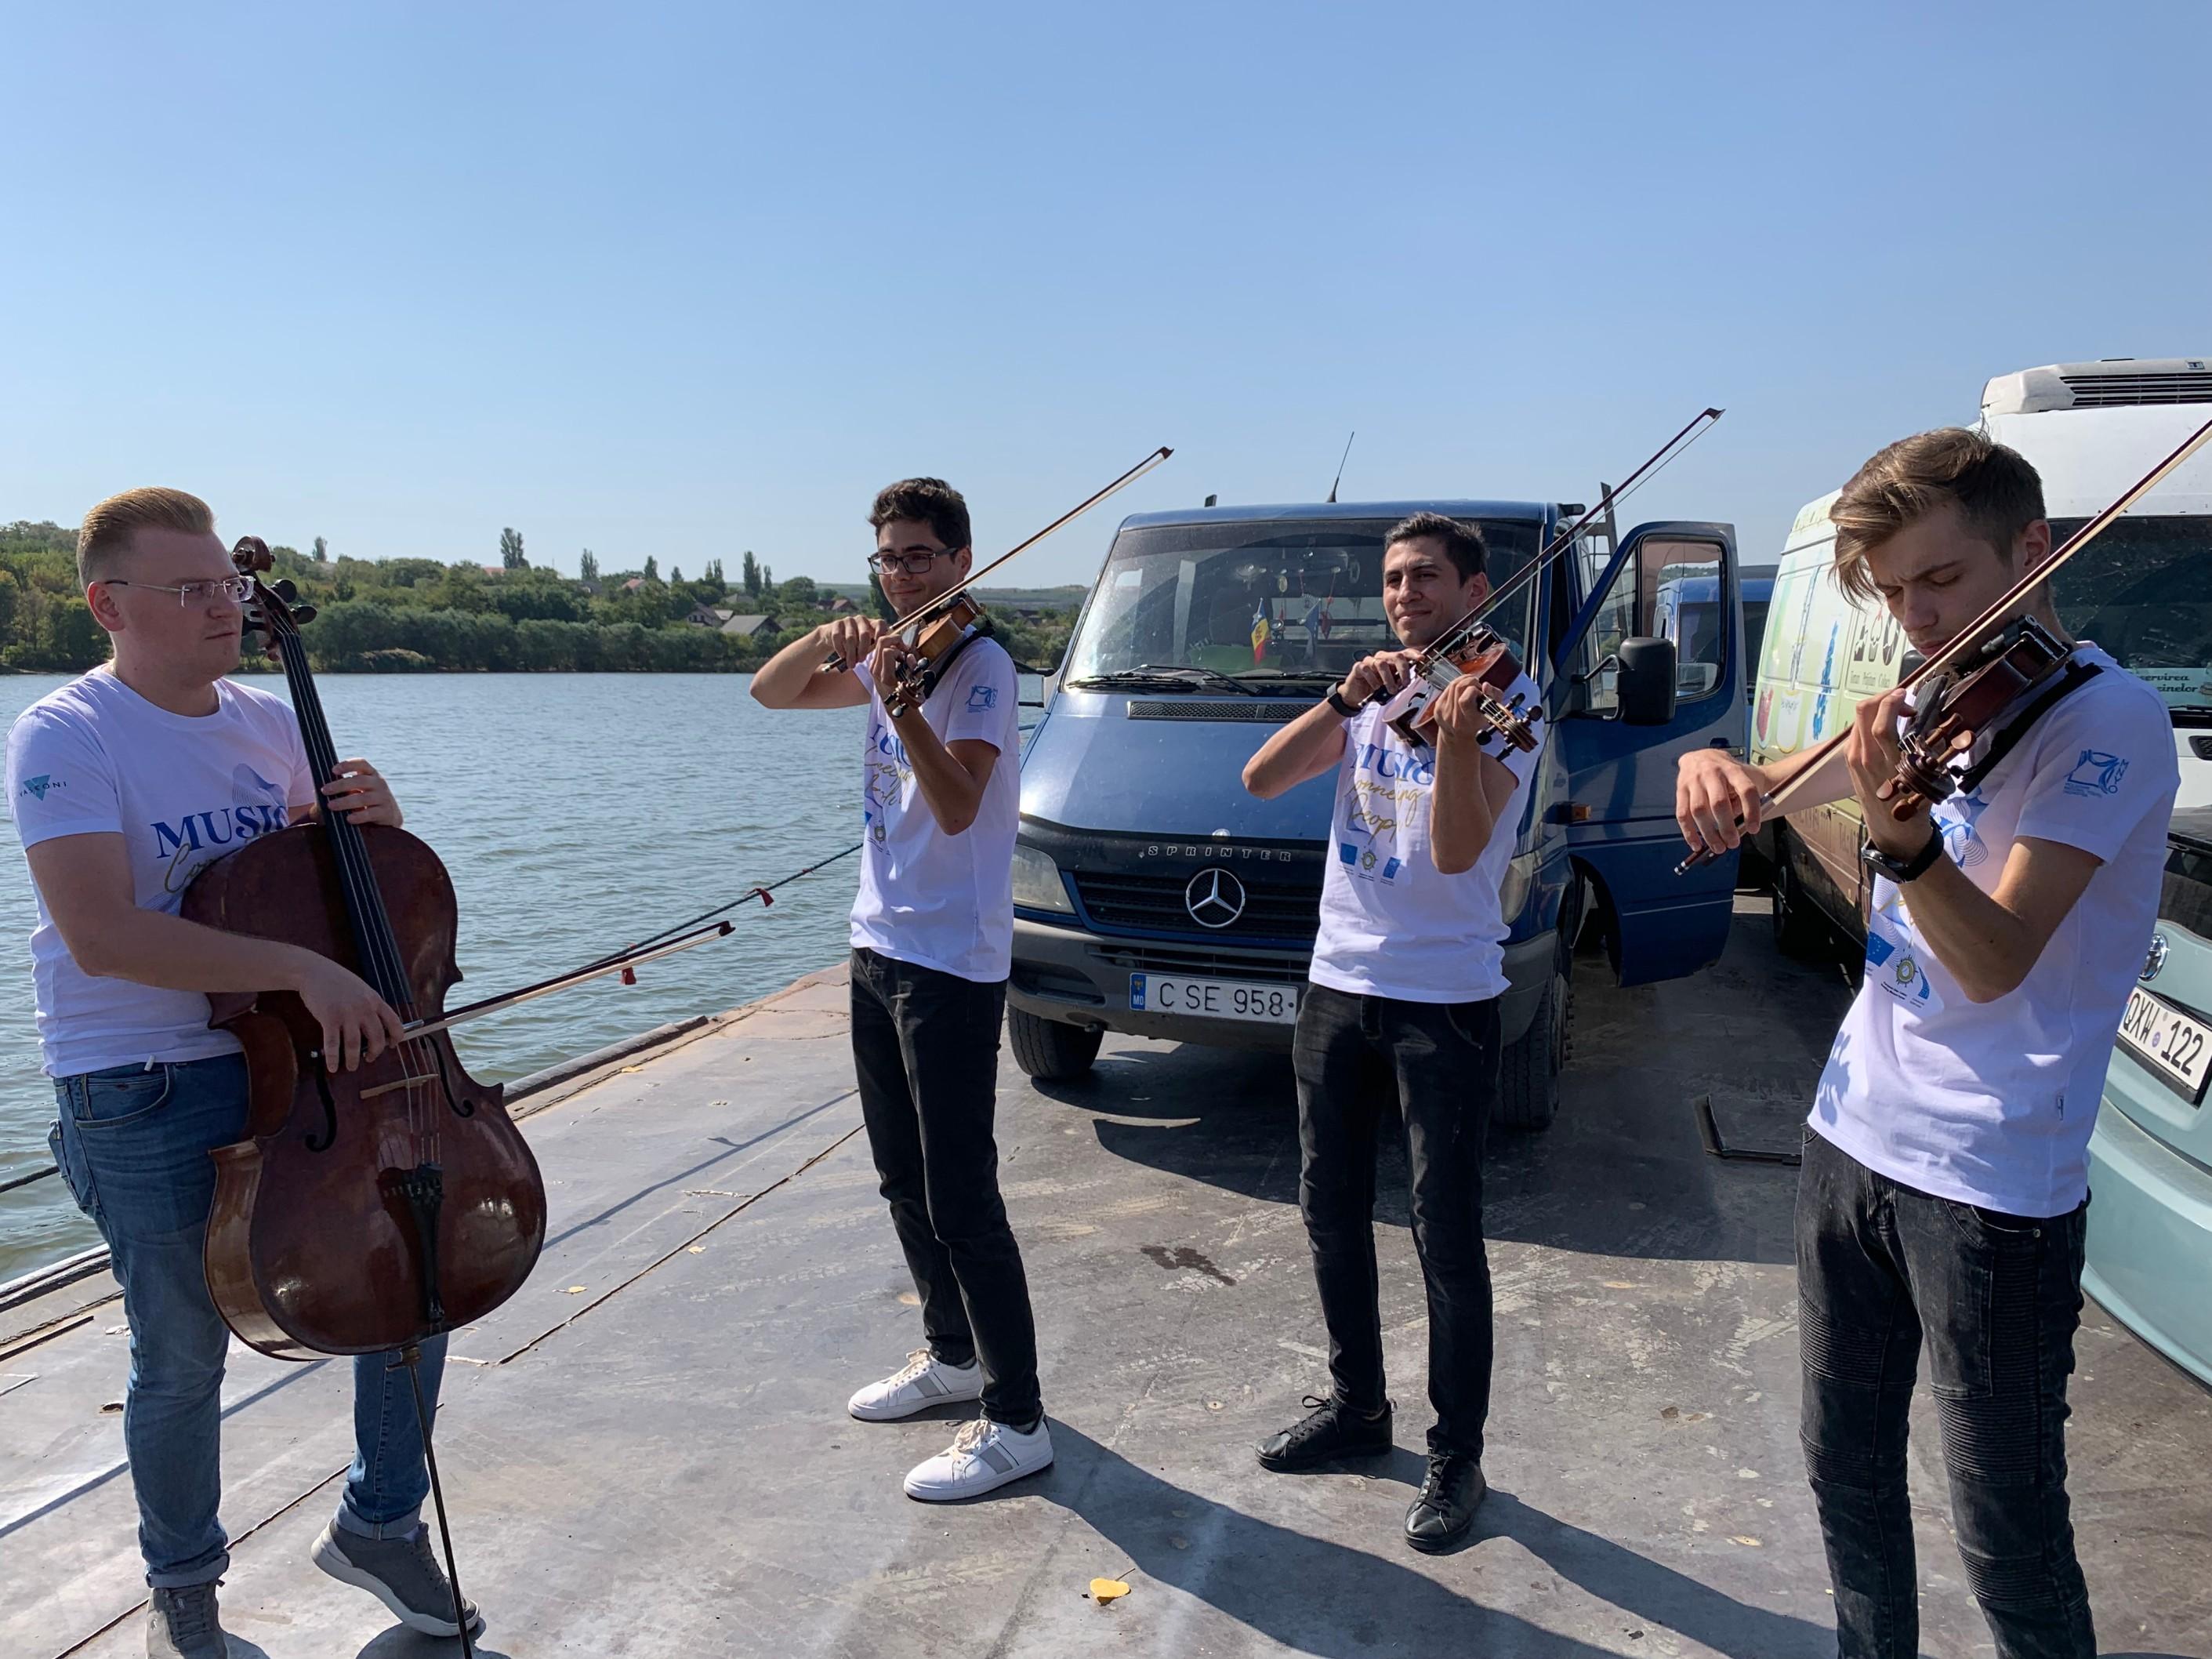 (foto) Concert de muzică clasică pe podul plutitor de la Molovata, pe Nistru. Cum a fost anunțat turneul Music Connecting People